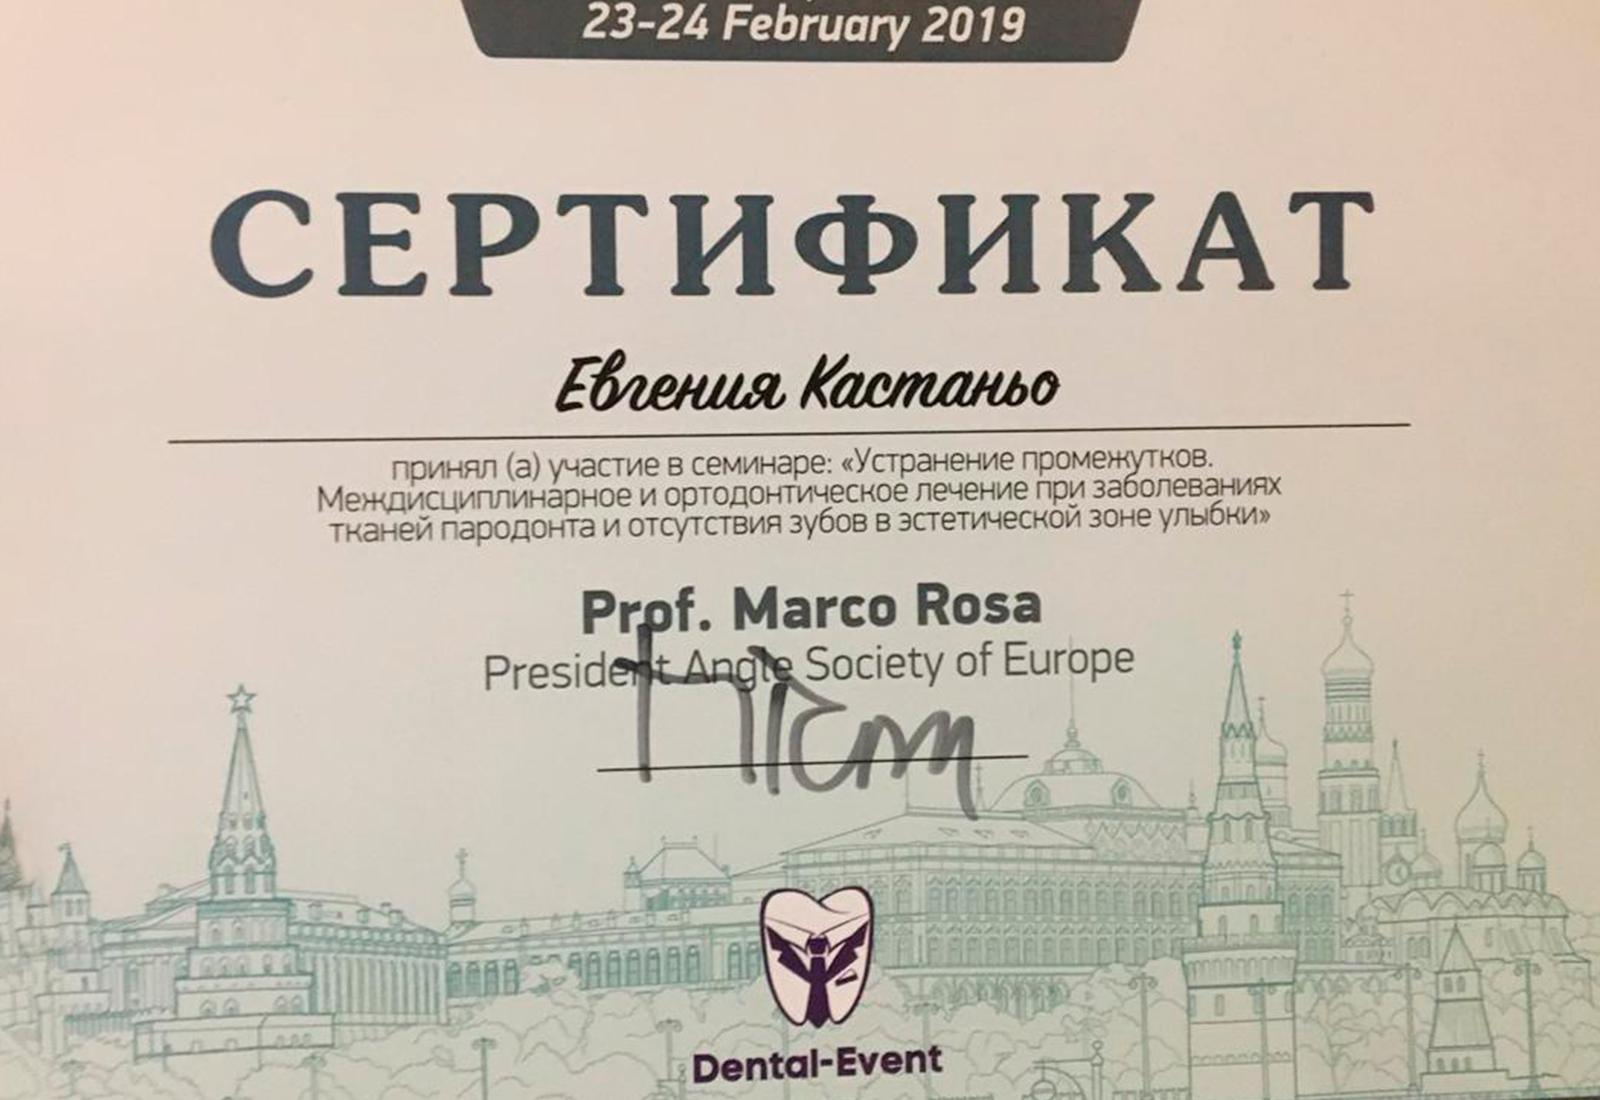 Сертификат Кастаньо Евгения Бернардовна